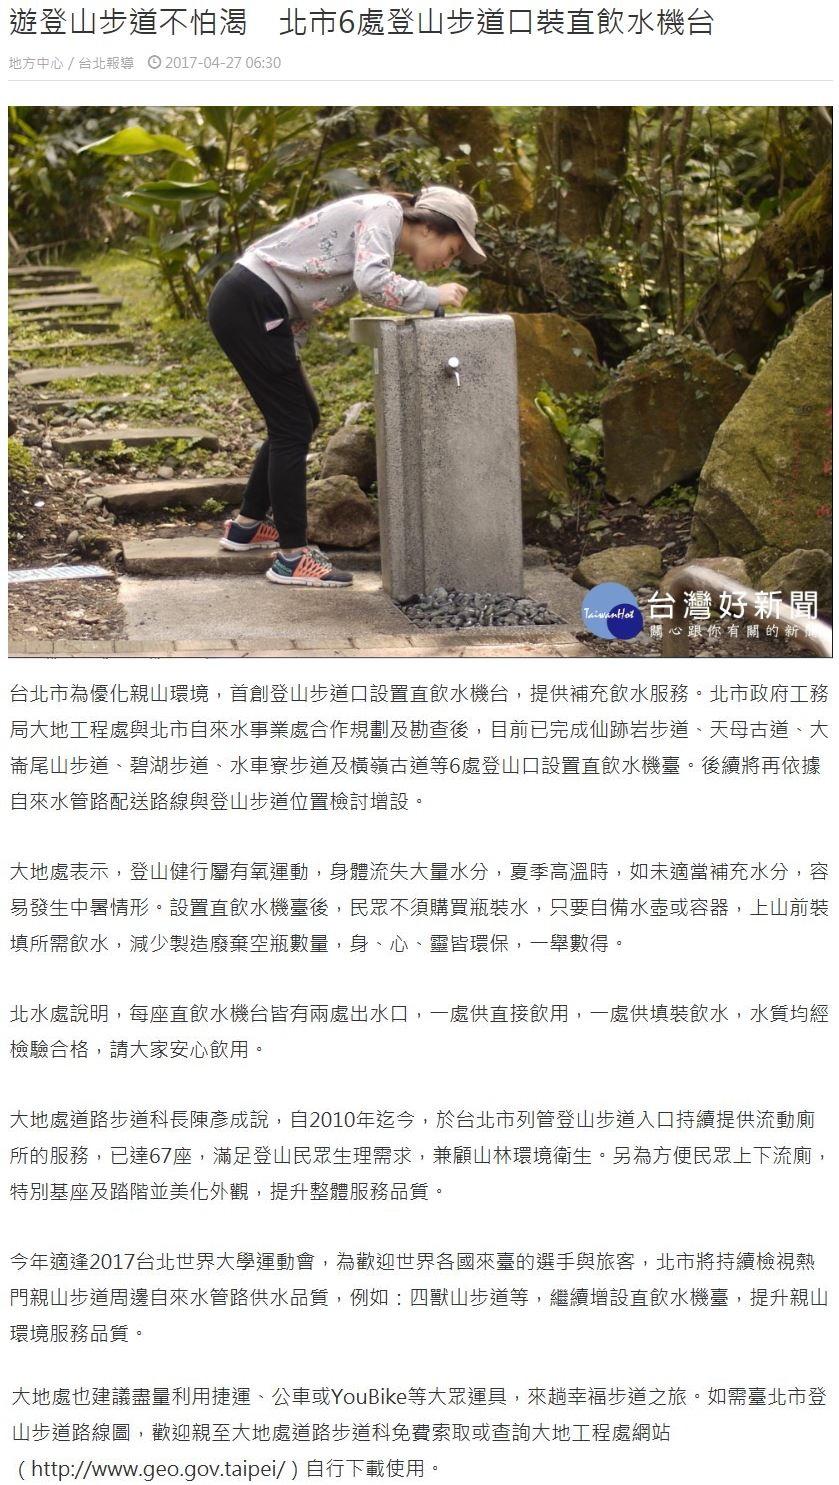 遊登山步道不怕渴 北市6處登山步道口裝直飲水機台